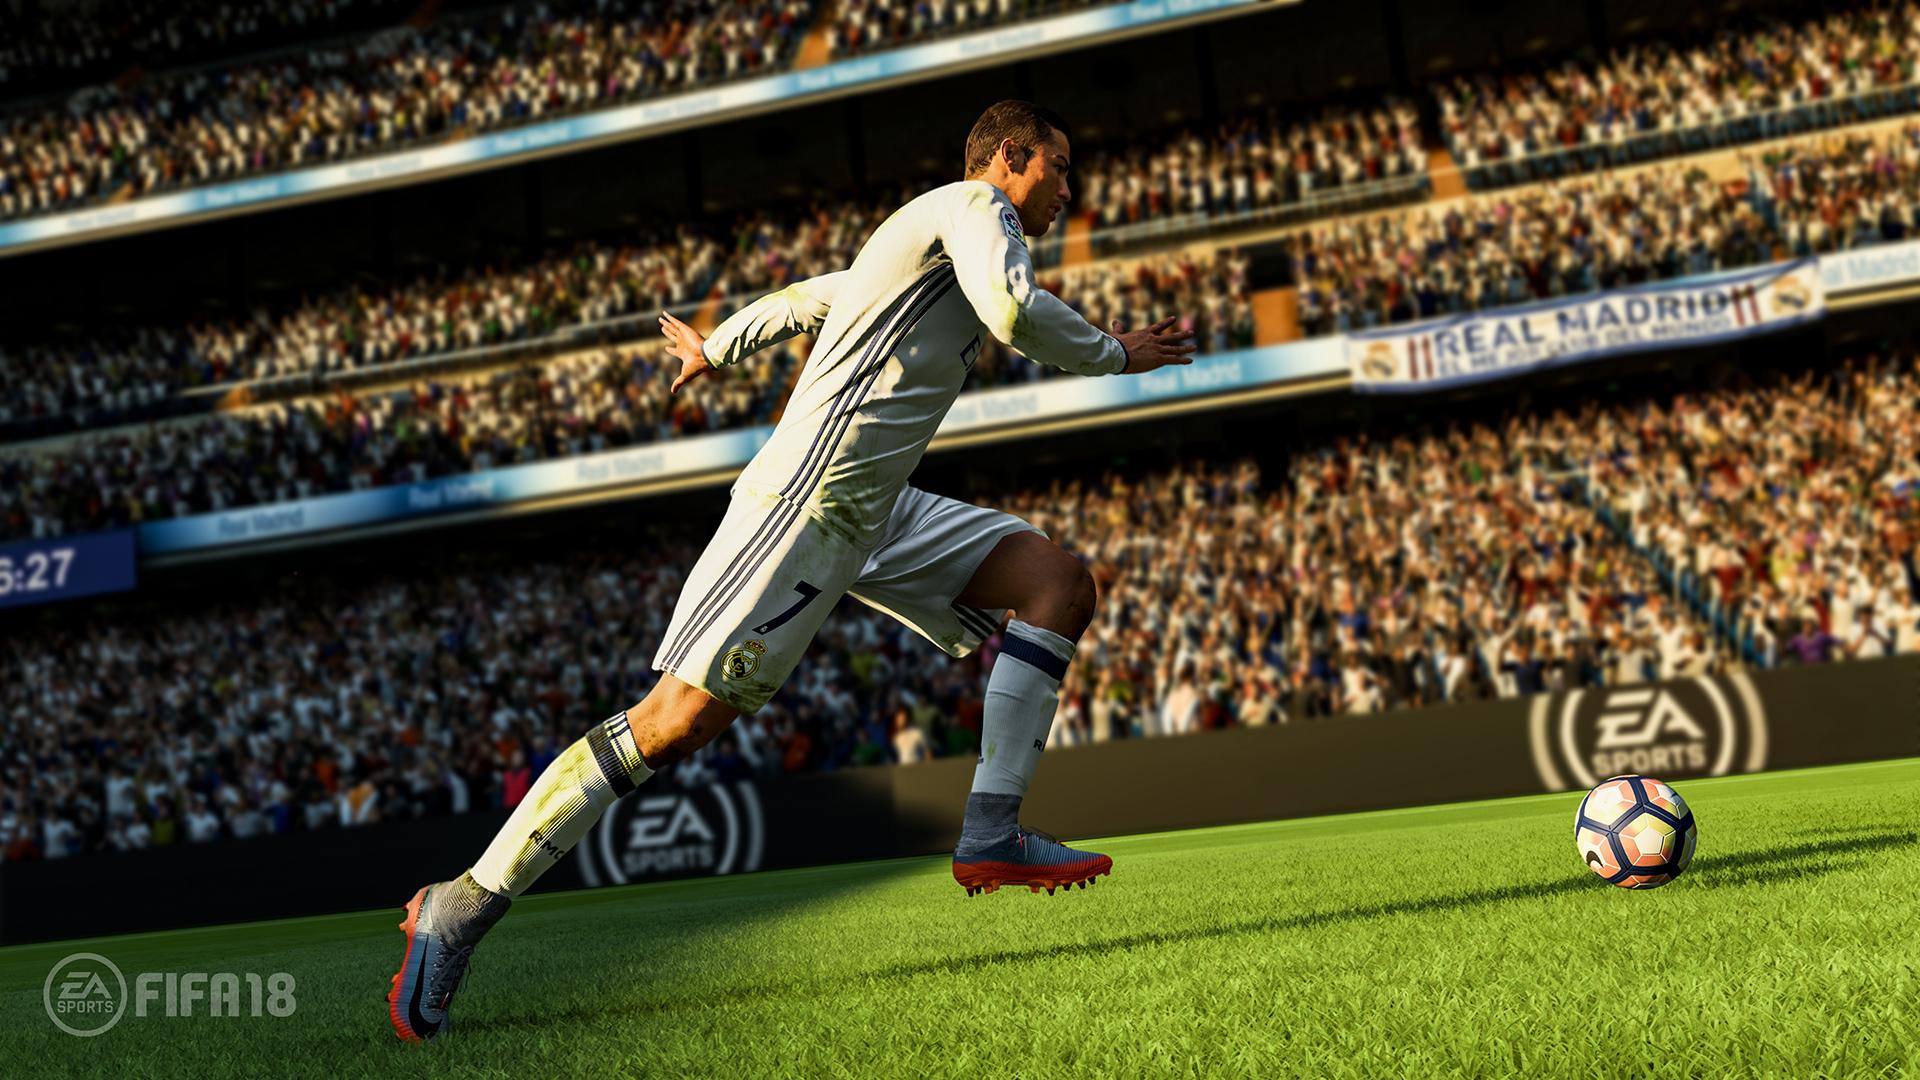 fifa 18 gameplay ronaldo